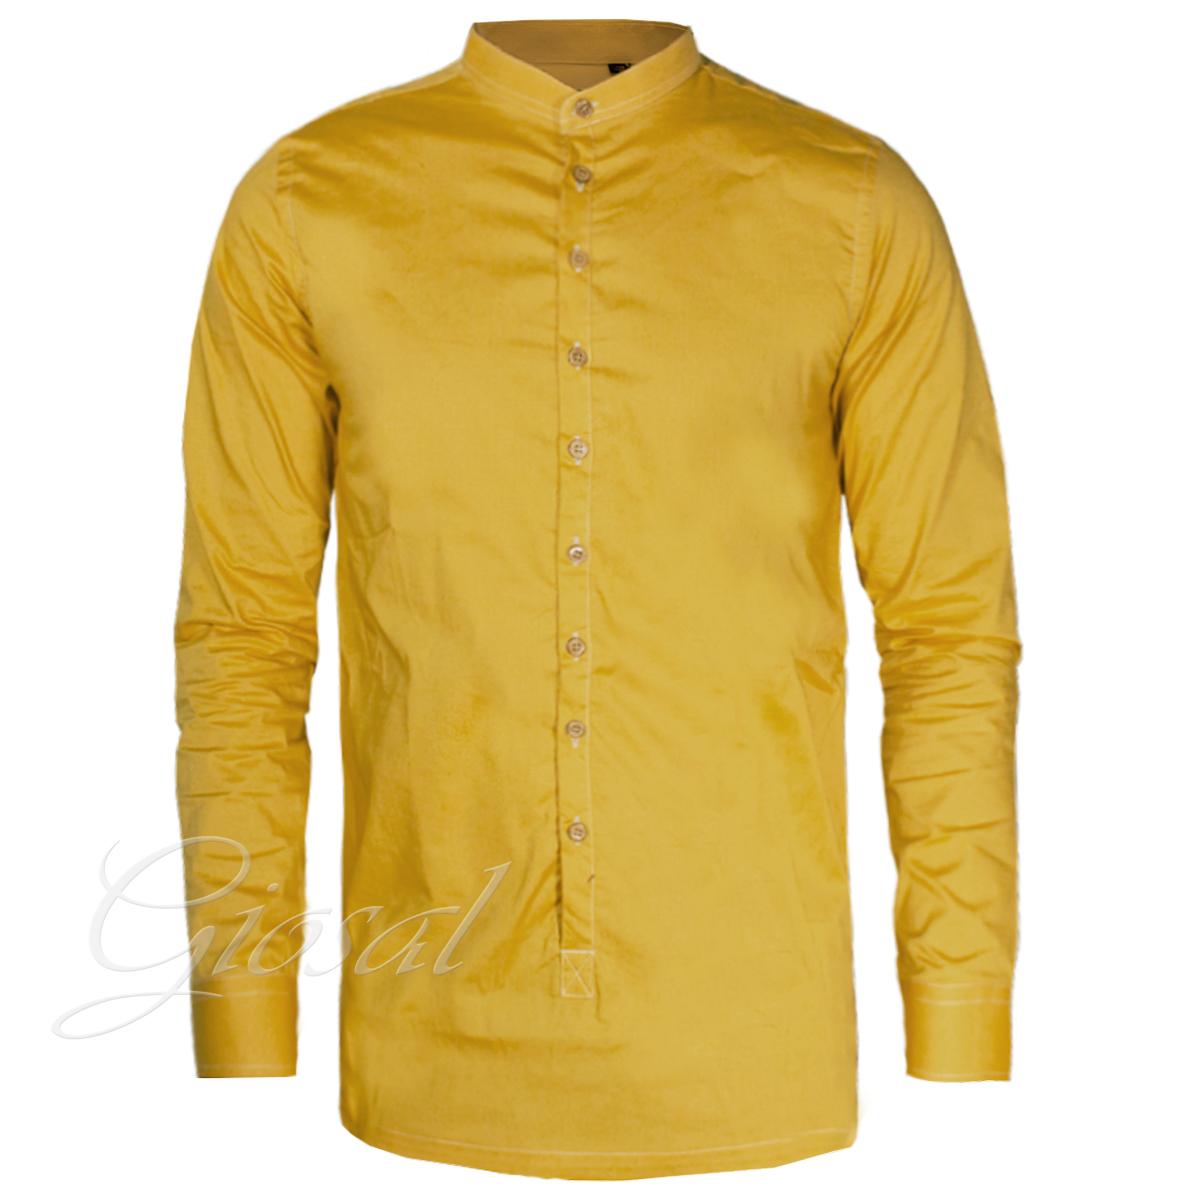 Camicia-Uomo-Over-D-Bottoni-Collo-Coreano-Tinta-Unita-Vari-Colori-Casual-GIOSAL miniatura 2